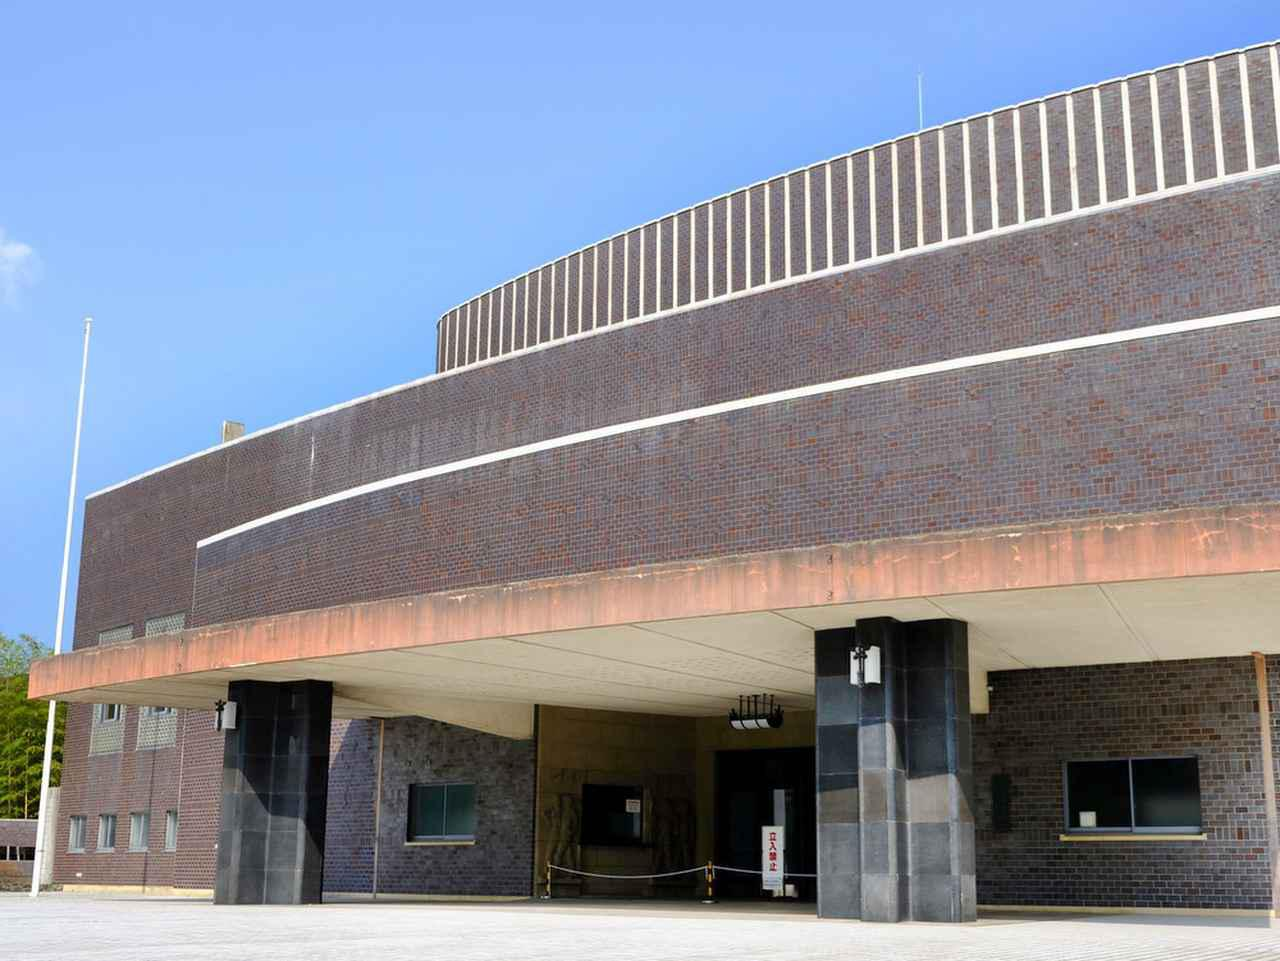 画像: 湾曲を使い、その曲線を建物全体に施したダイナミックな建築です。